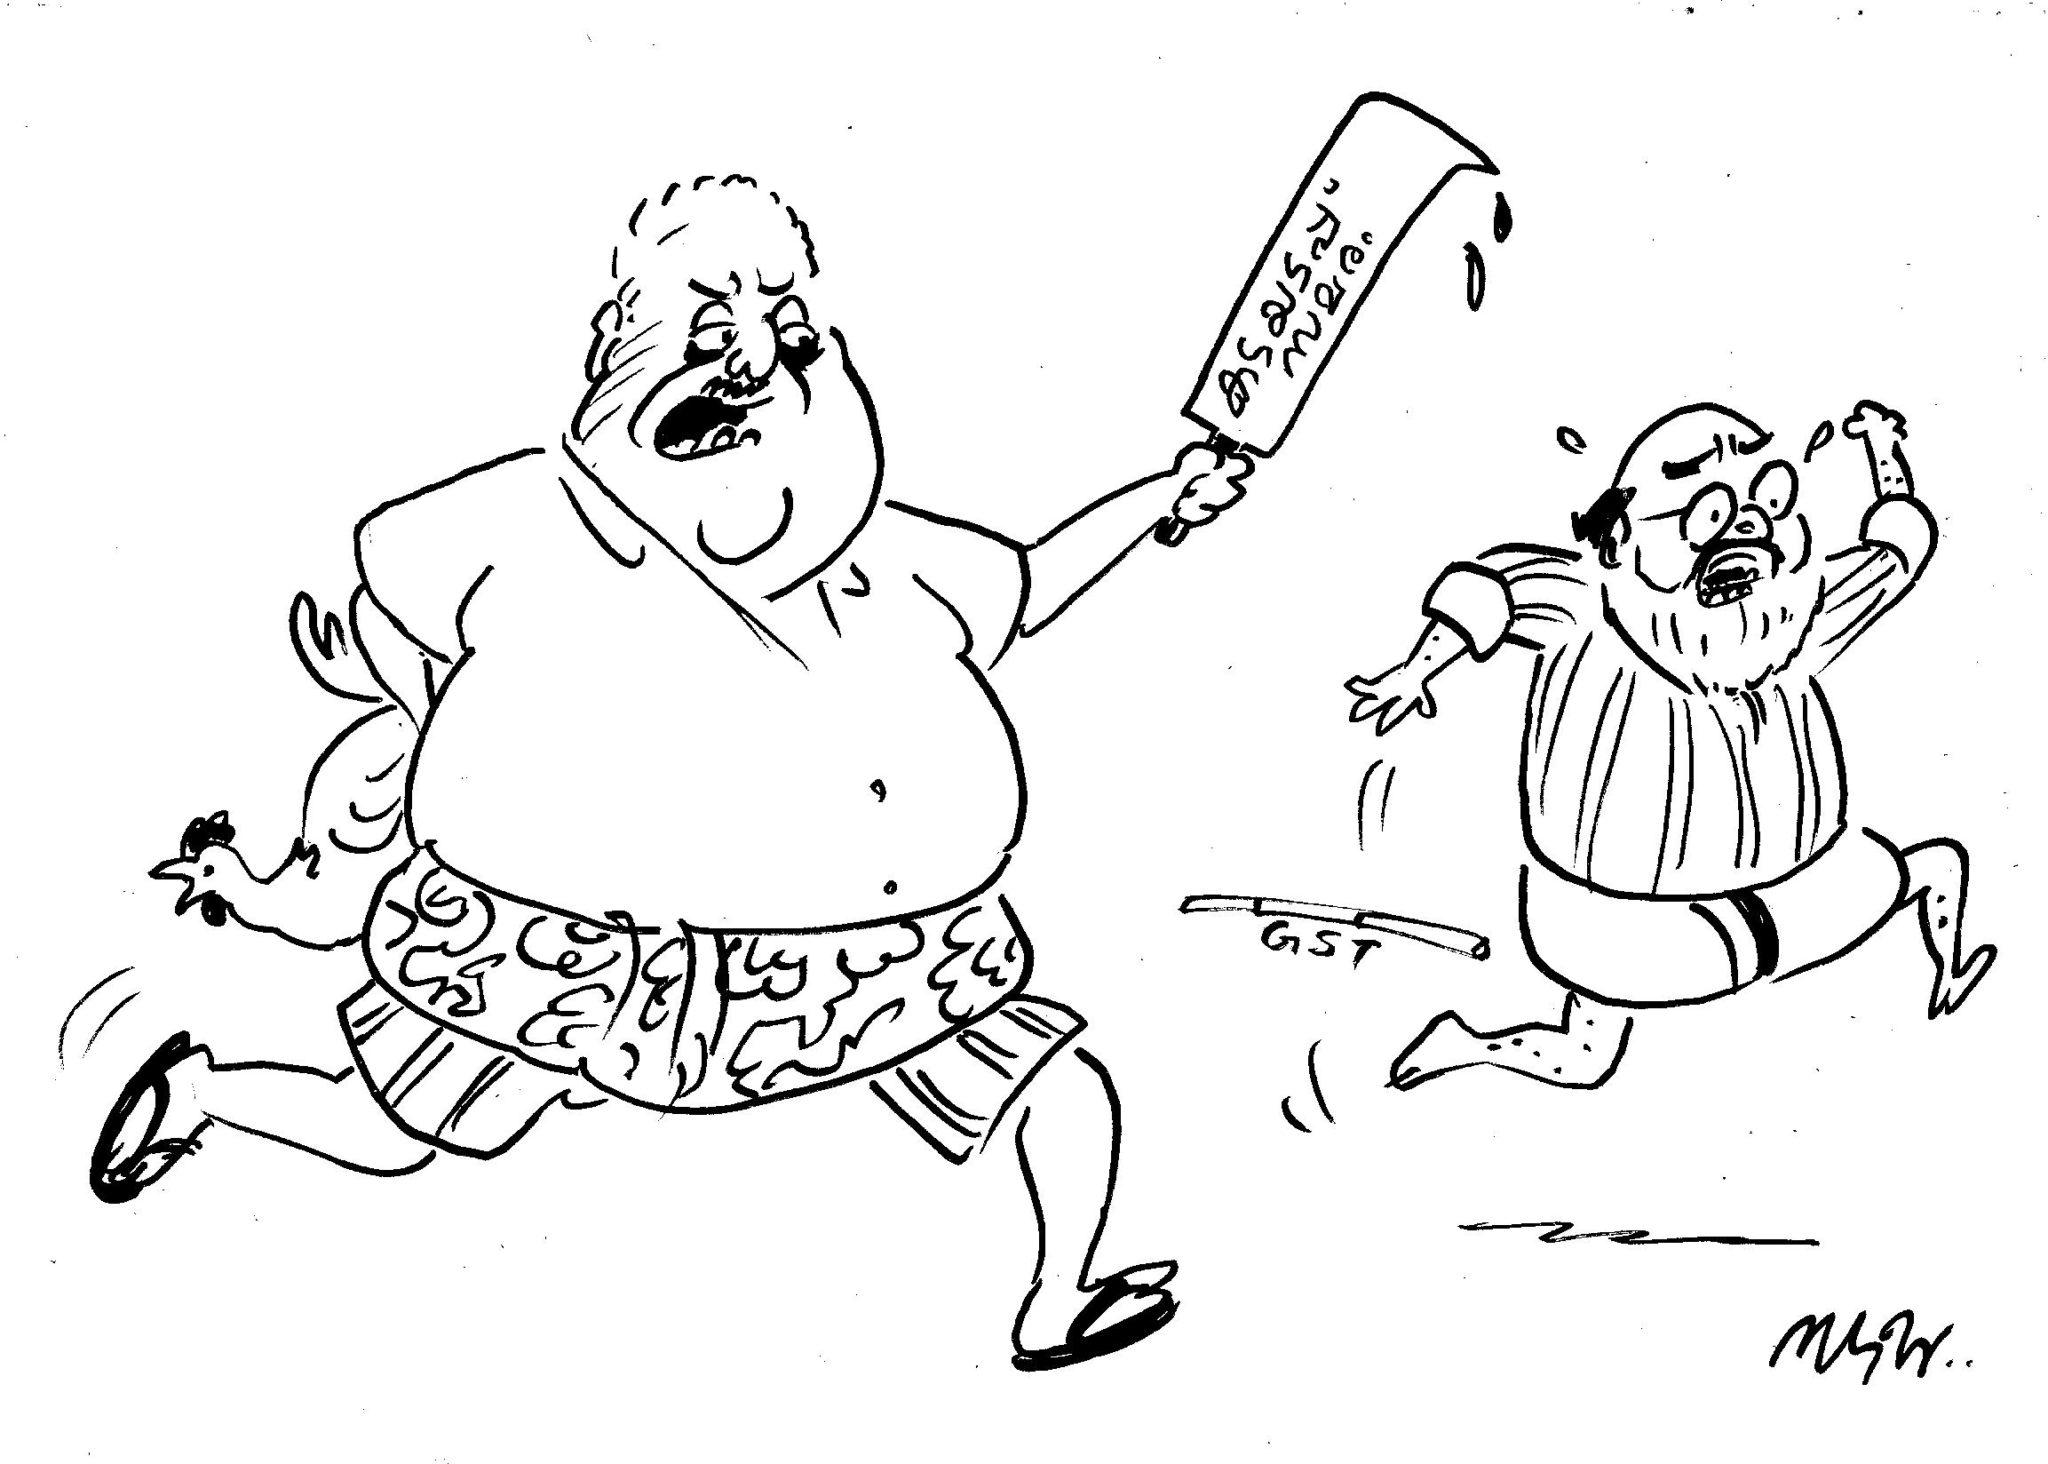 കോഴി കൂവുന്ന ജി.എസ്.ടിയും ജനസംഖ്യാ വിസ്ഫോടനവും